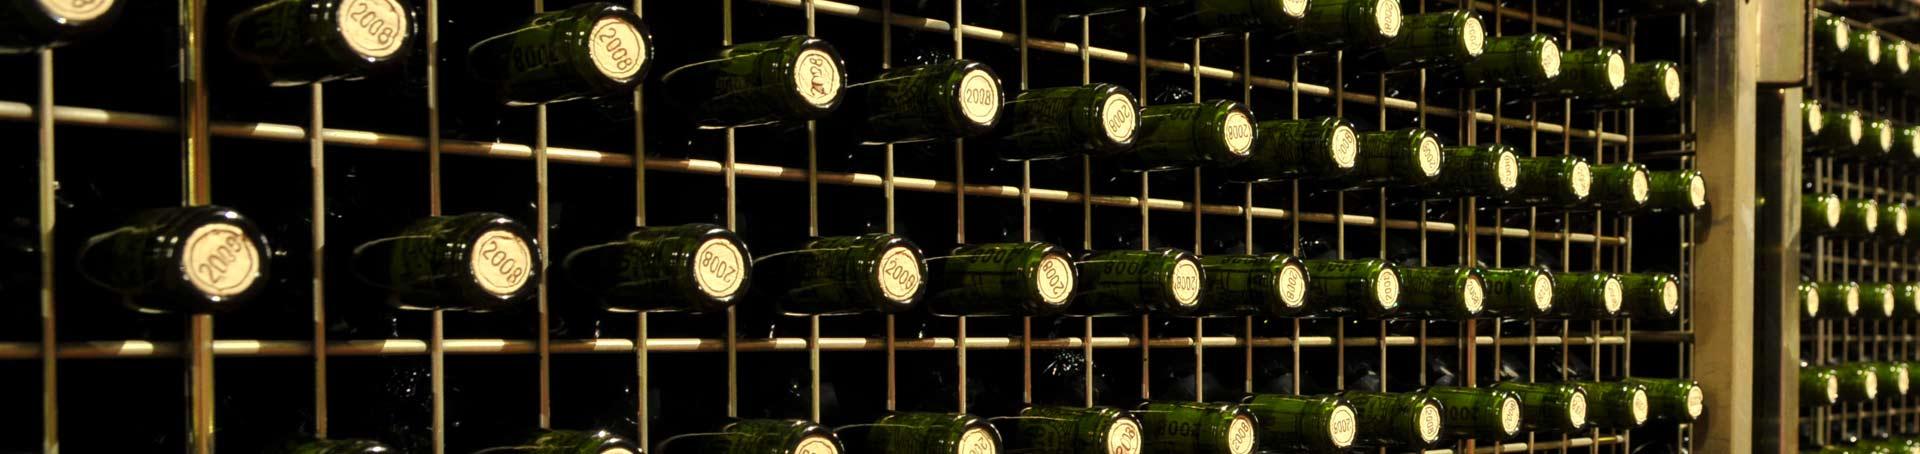 Botellas conservándose en casa en posición horizontal